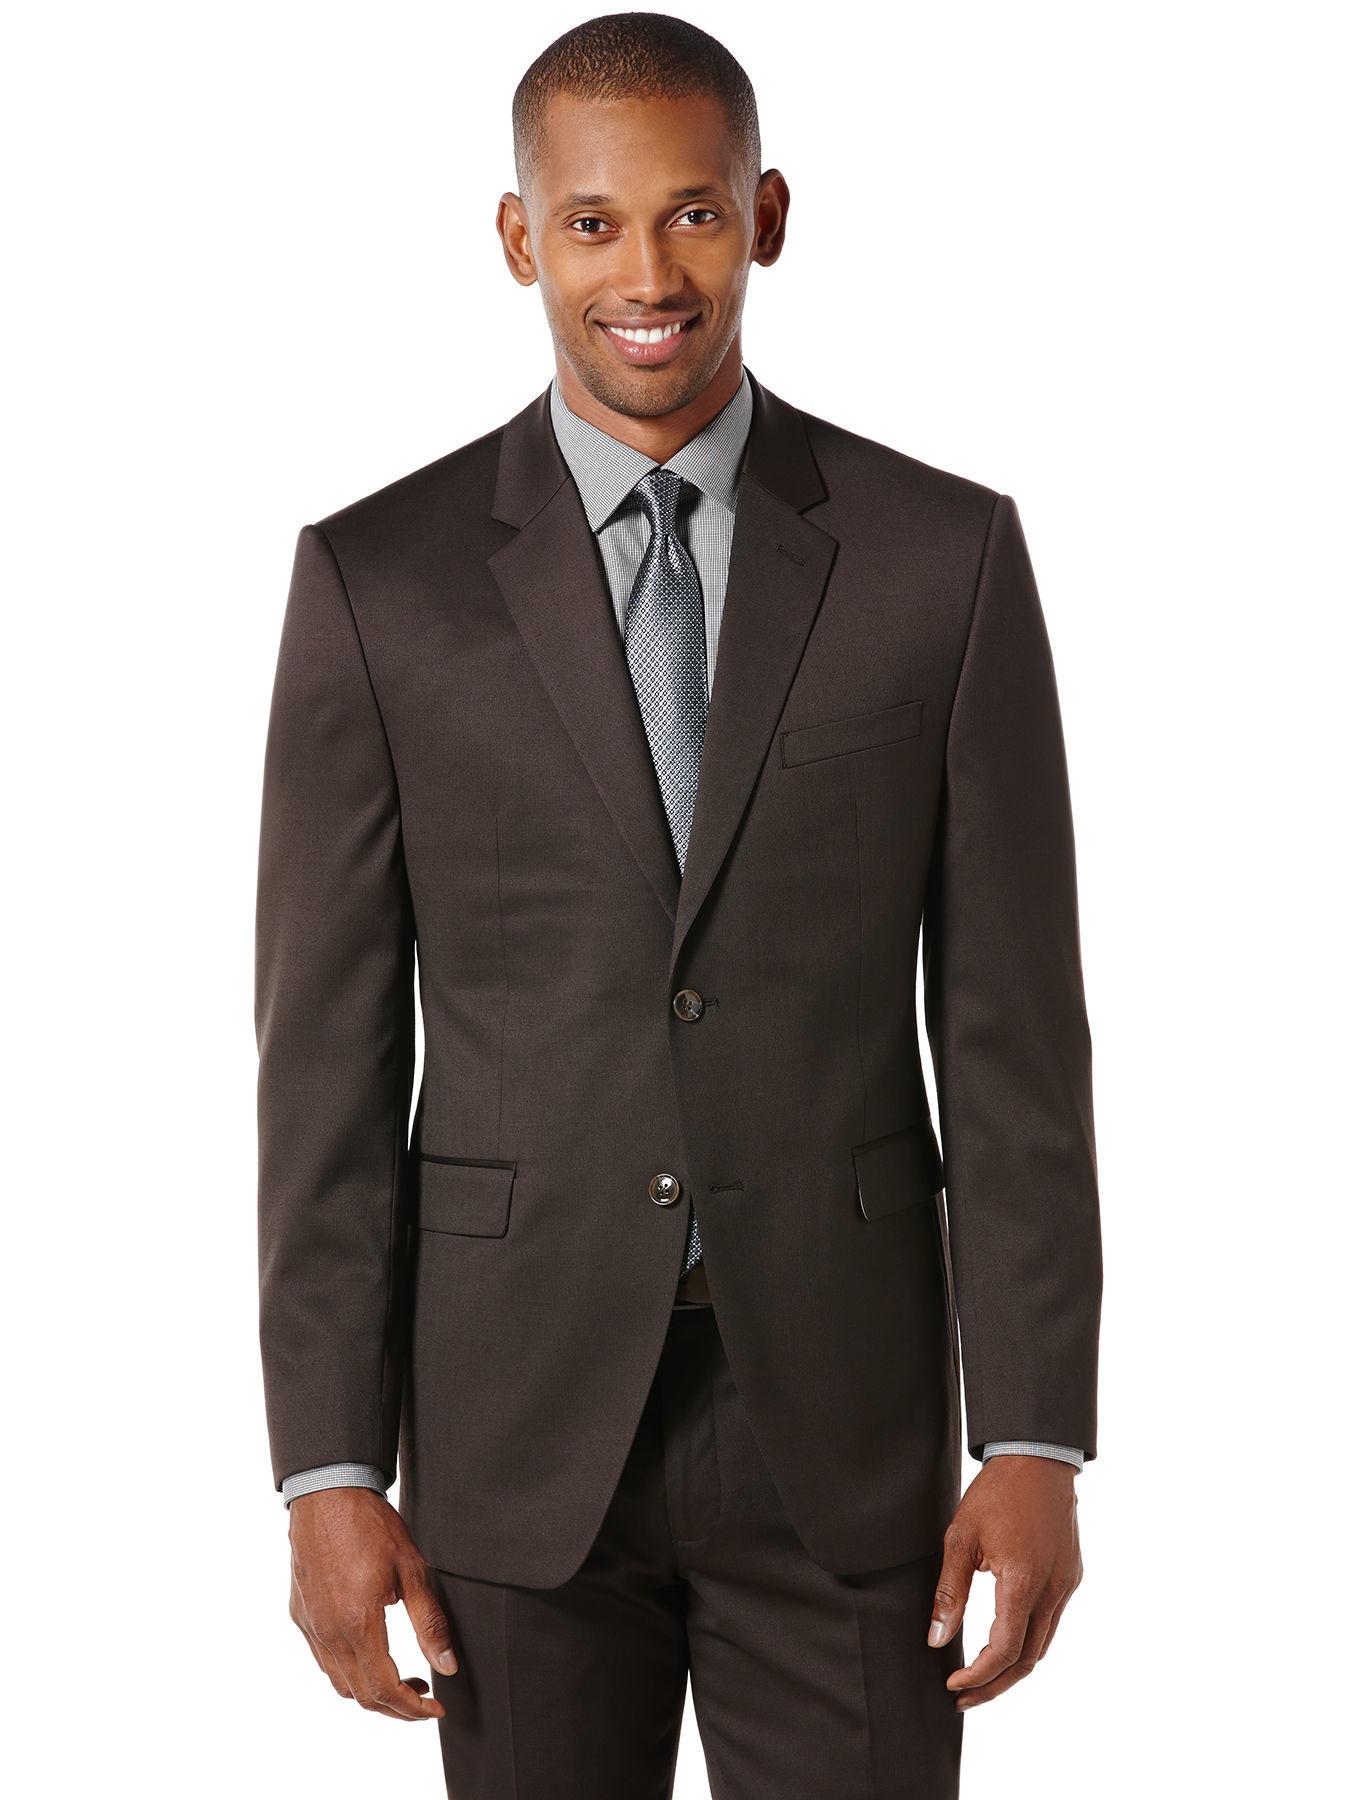 Perry Ellis Brown Tic Weave Suit Jacket In Brown For Men